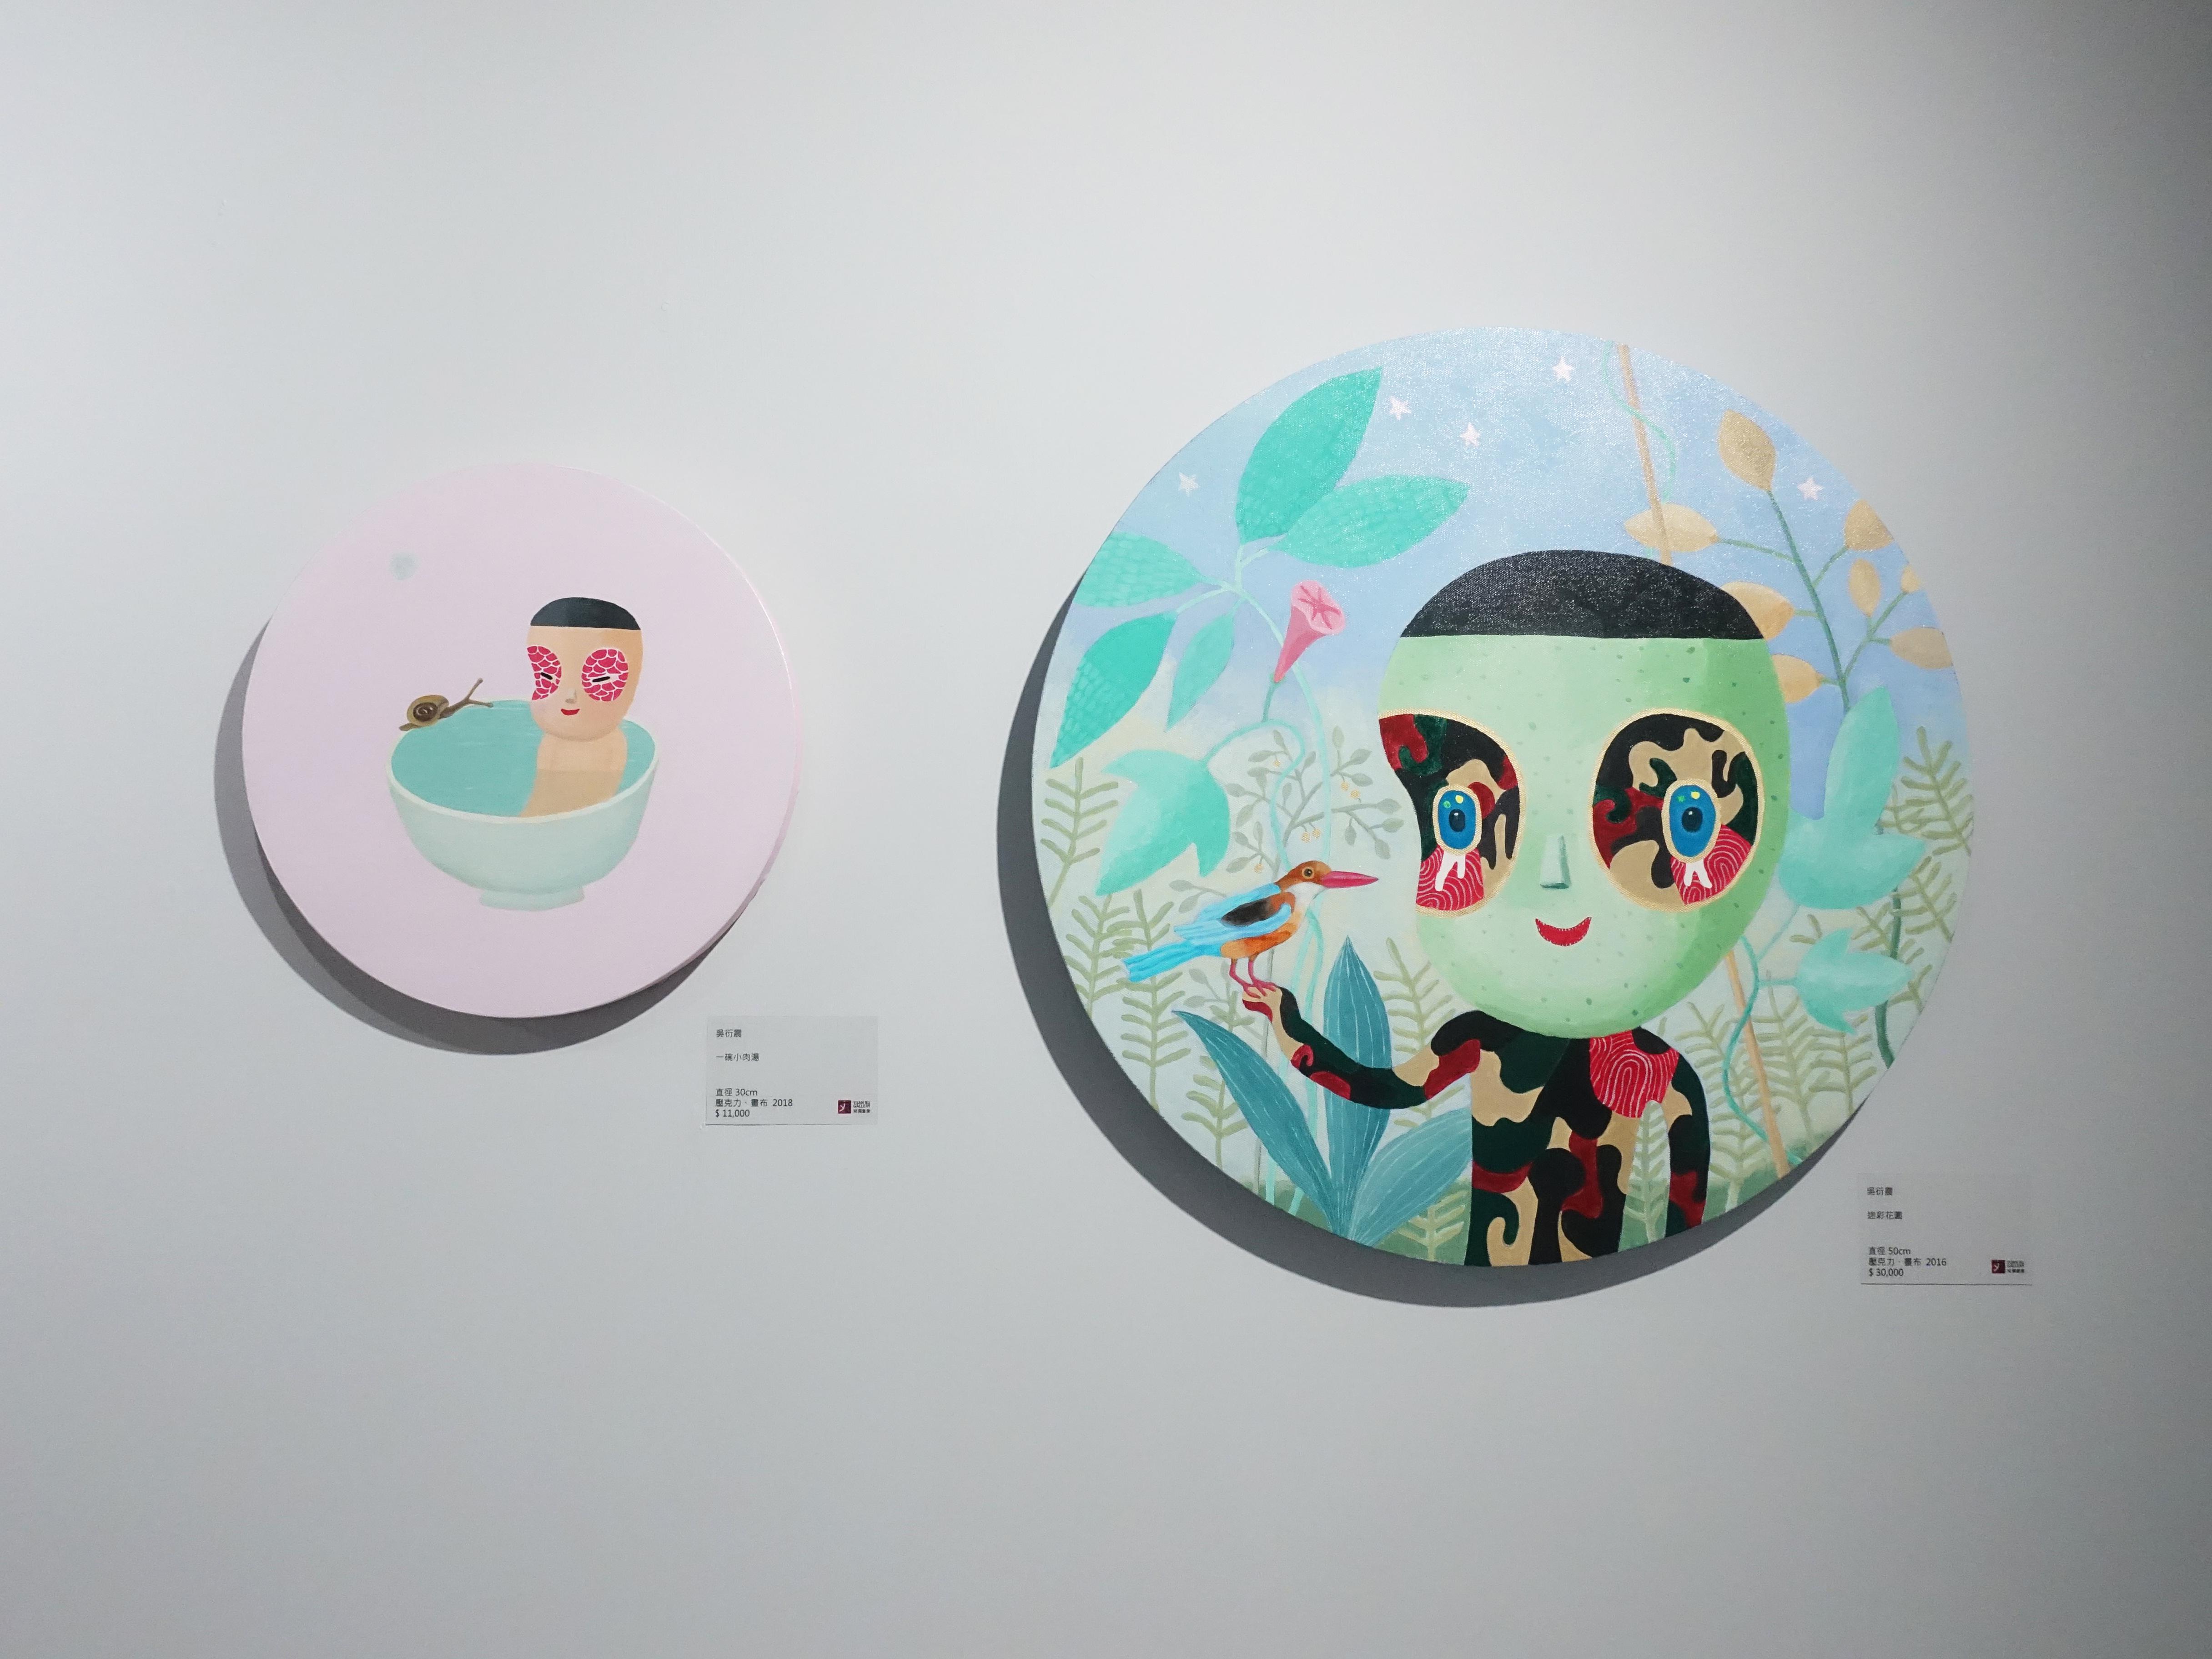 吳衍震,《一碗小肉湯》,直徑30cm,壓克力、畫布,2018。《迷彩花園》,直徑50cm,壓克力、畫布,2016。